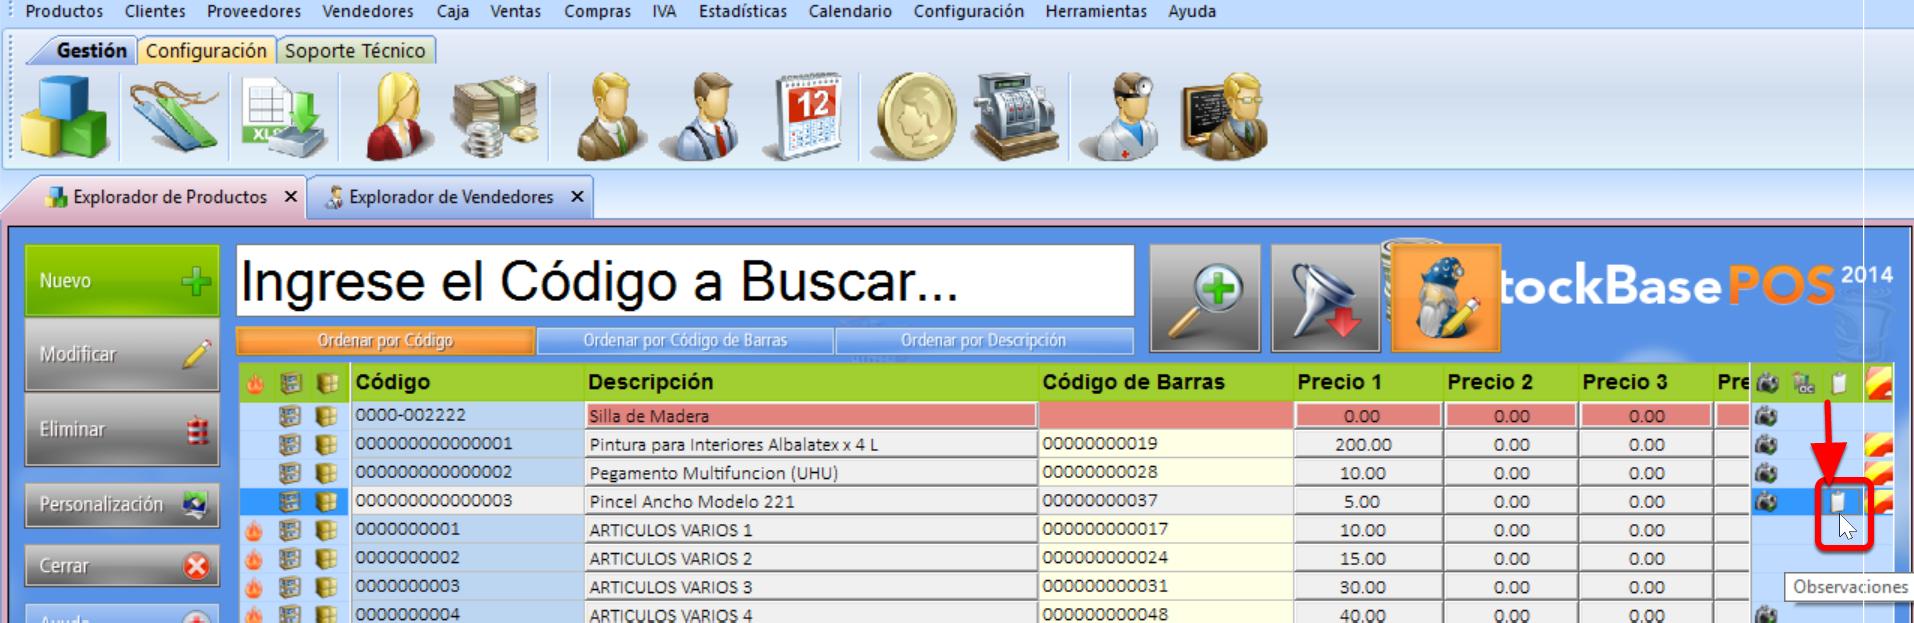 """Explorador de productos muestra un icono en registros con """"Mostrar Observaciones"""" activo"""